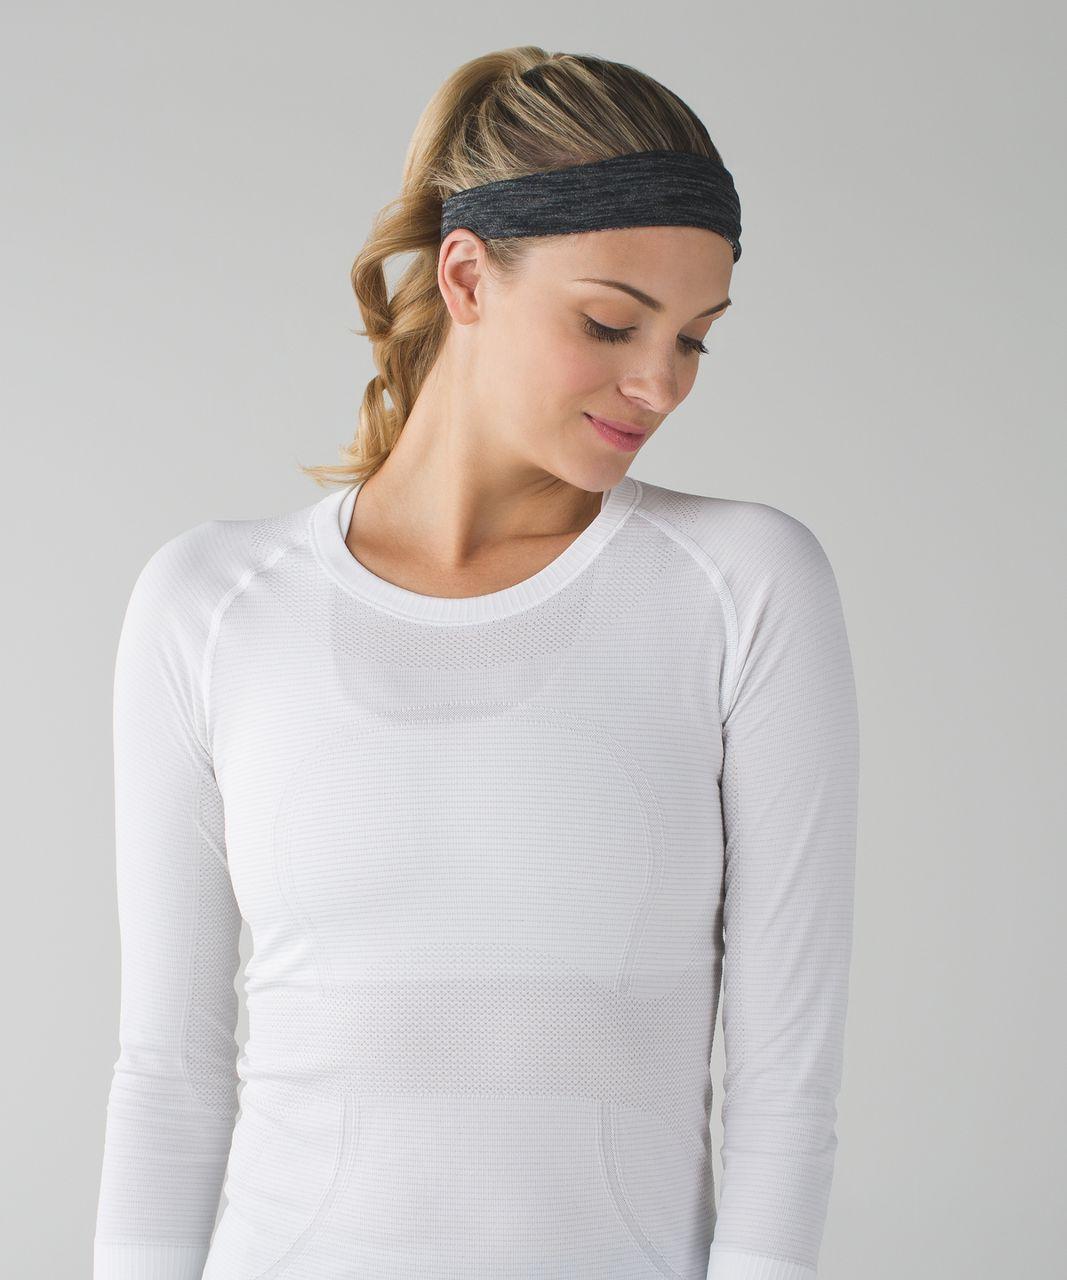 Lululemon Fringe Fighter Headband - Heat Wave White Black / Heathered Black